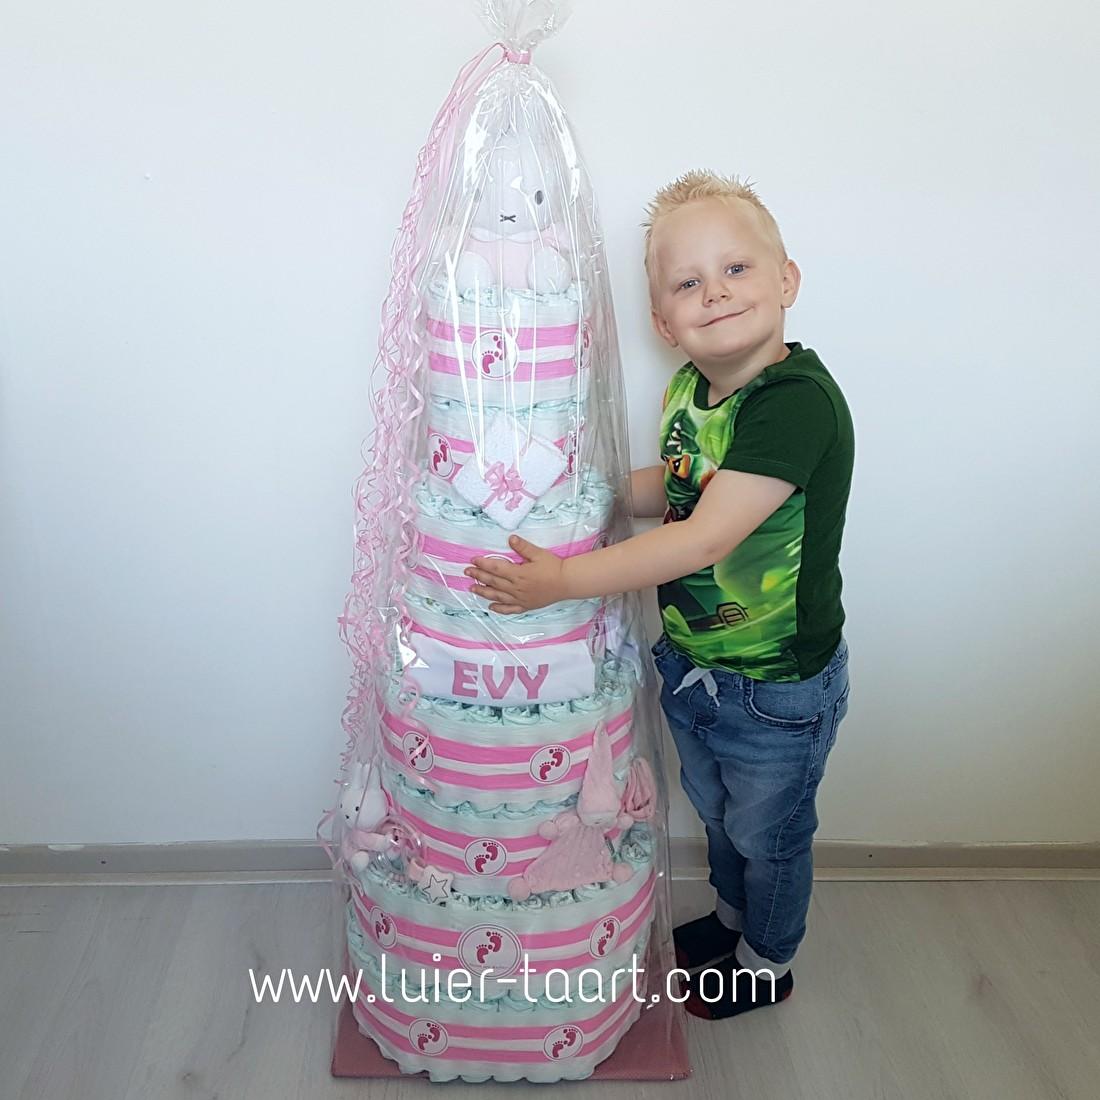 Mega Luieraart 125 cm Evy